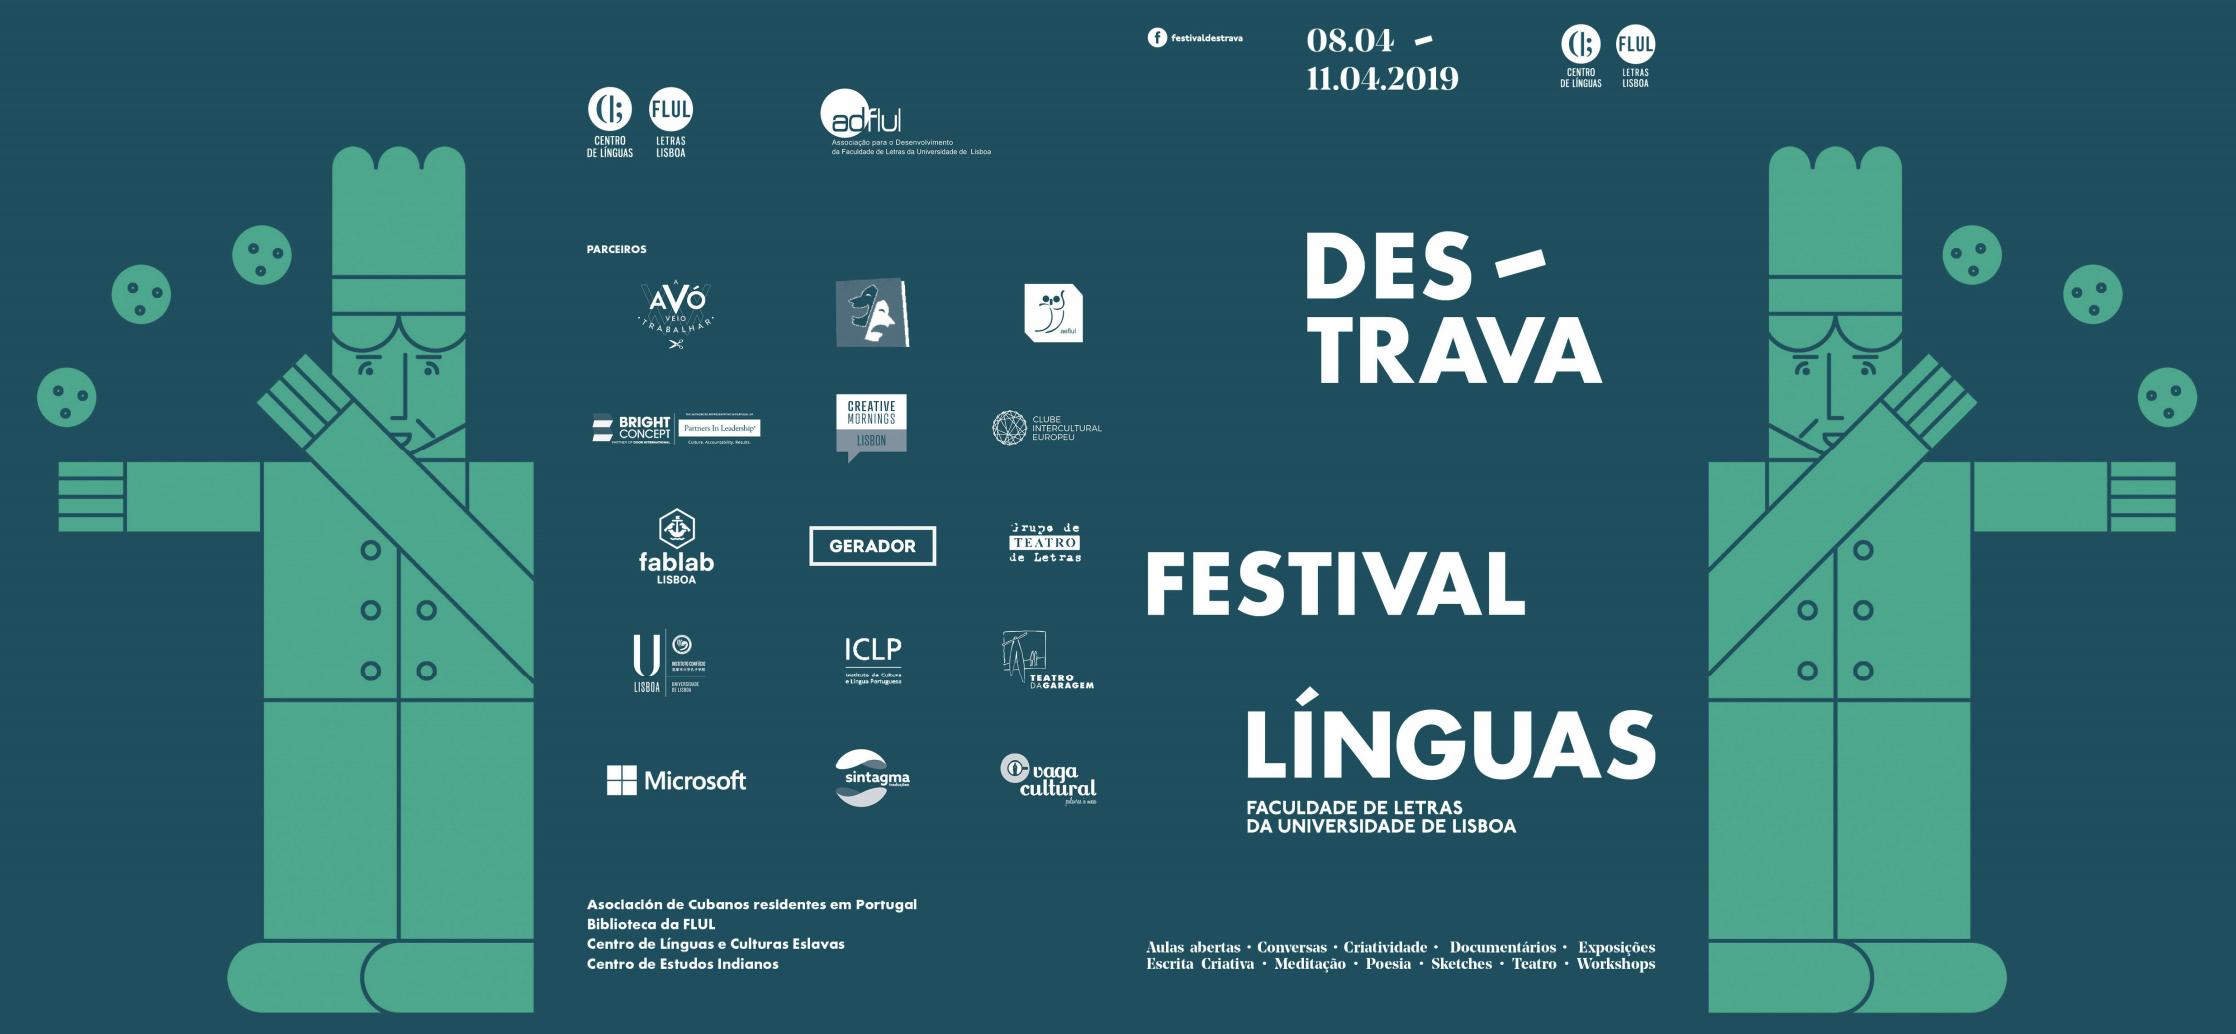 Sessão de inauguração da 3ª edição do Destrava-Festival das Línguas | 8 de Abril, 18h